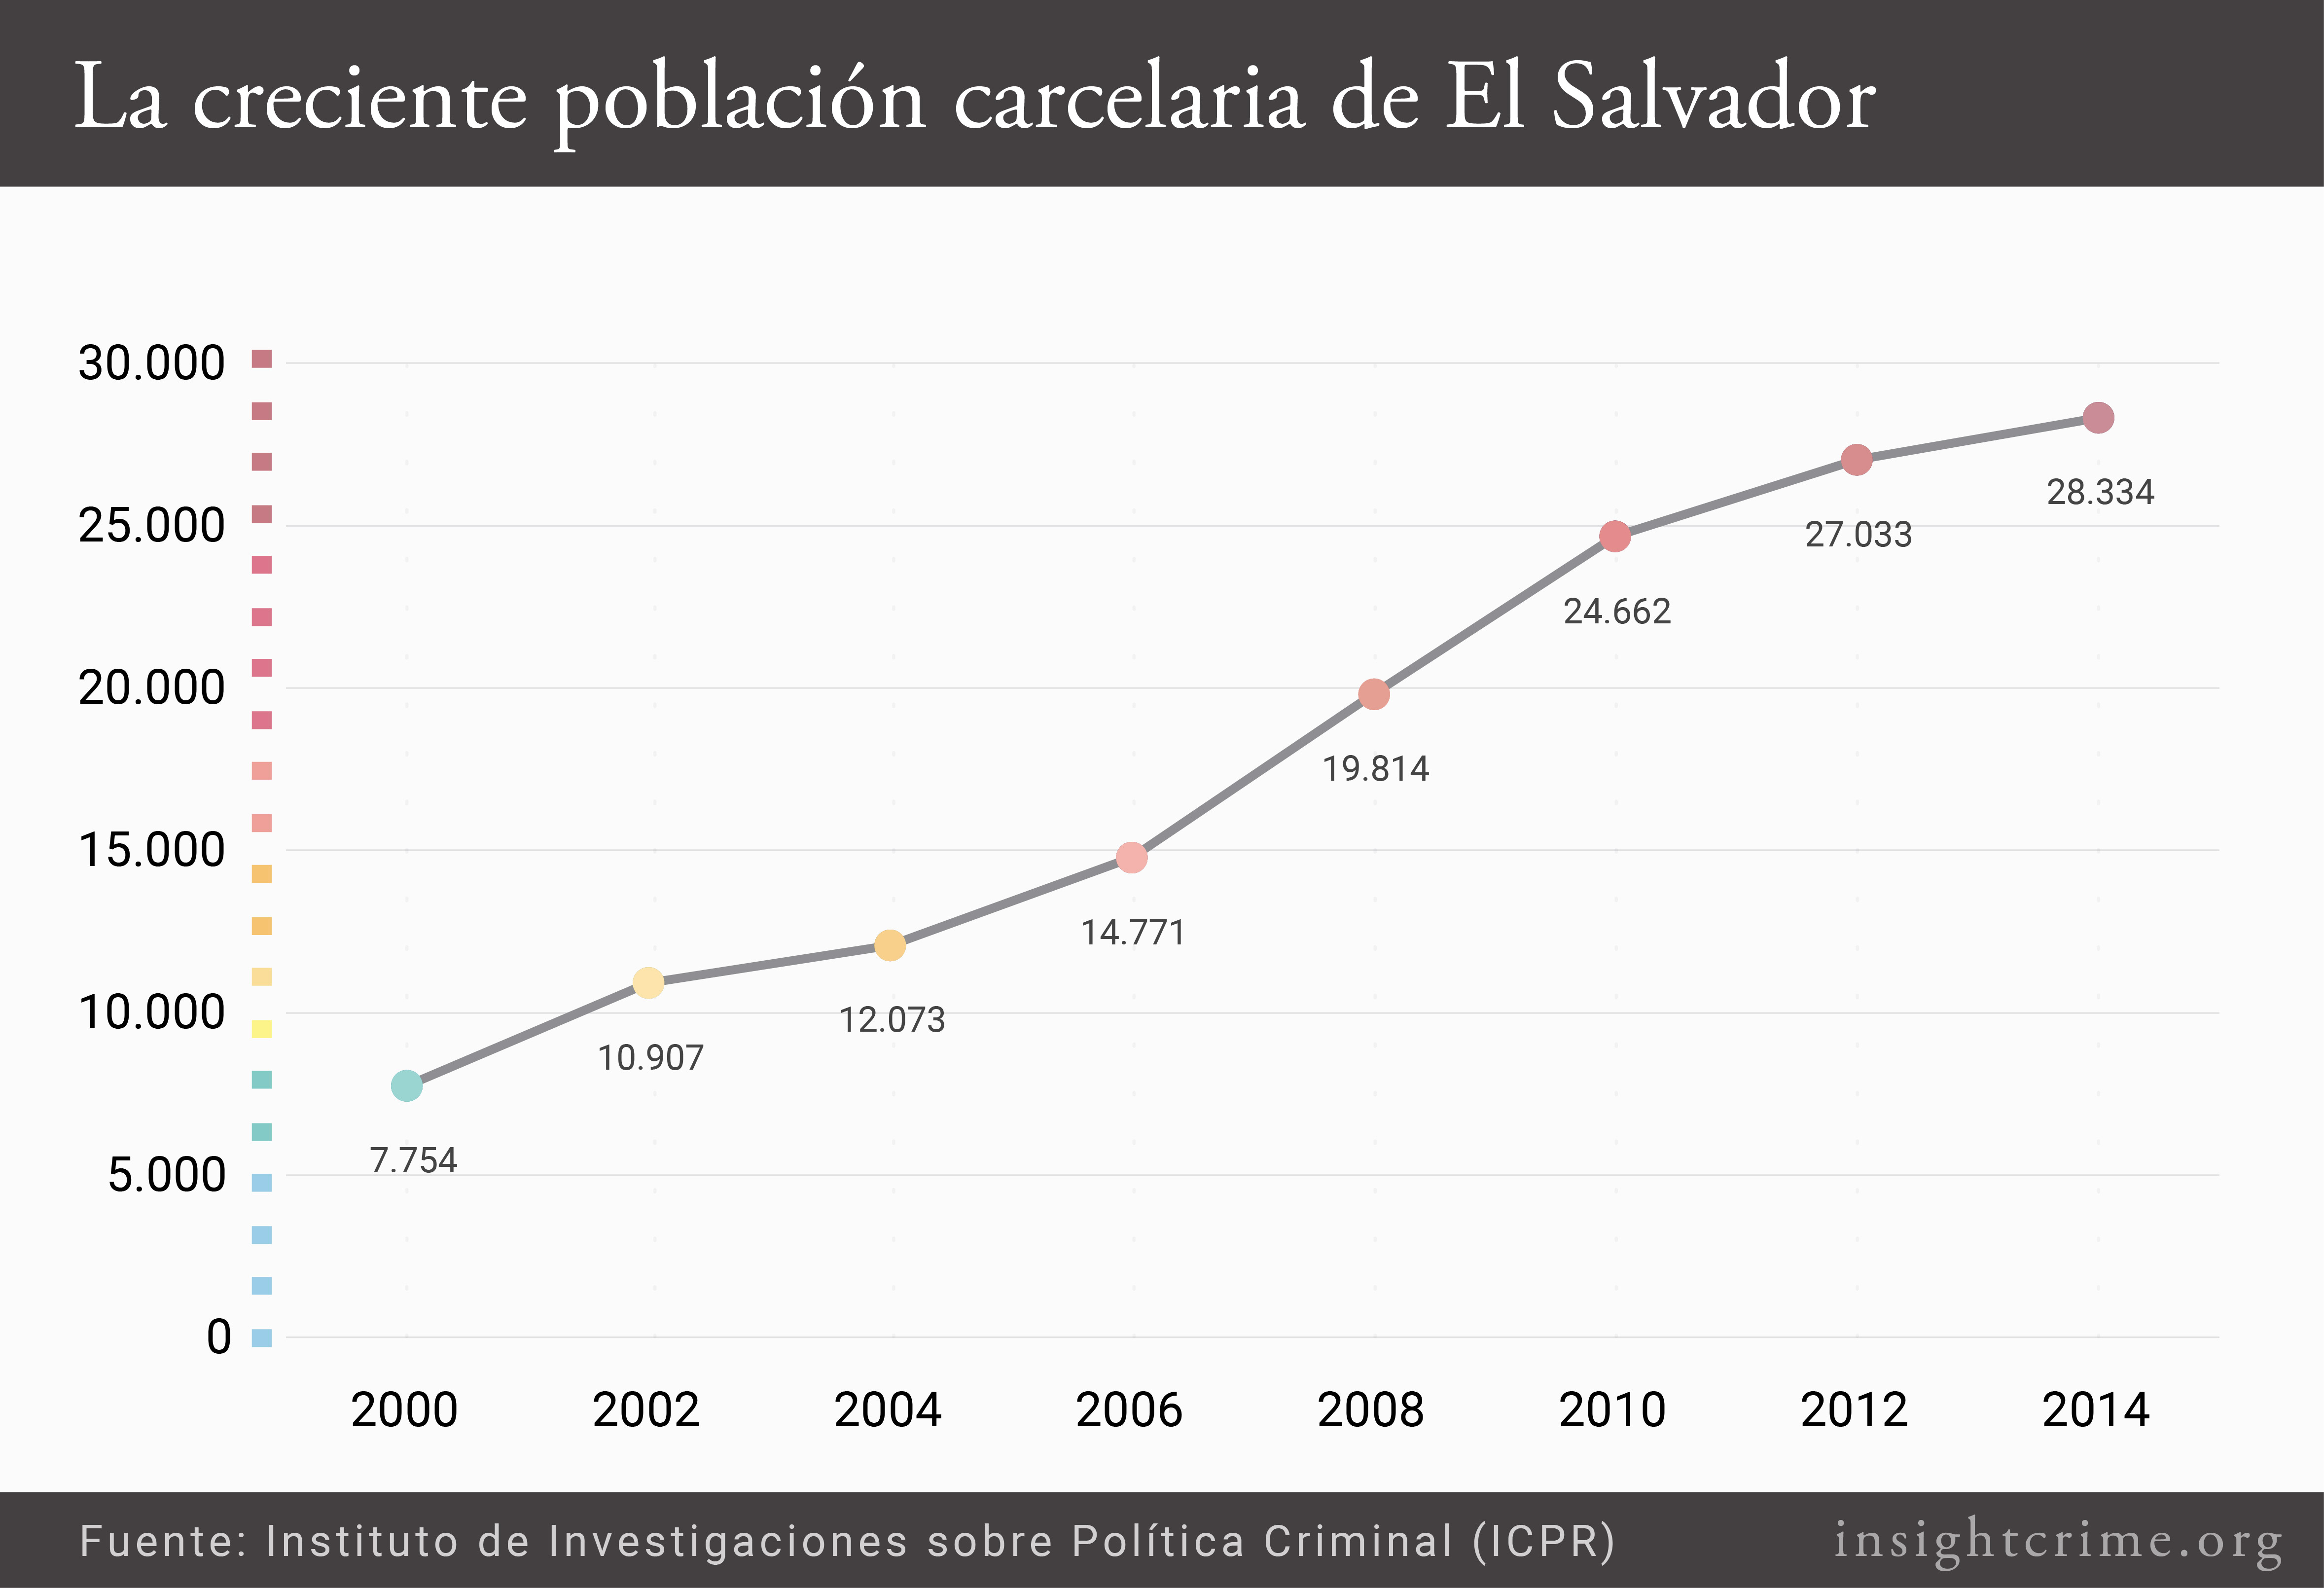 La creciente poblacion carcelaria de El Salvador